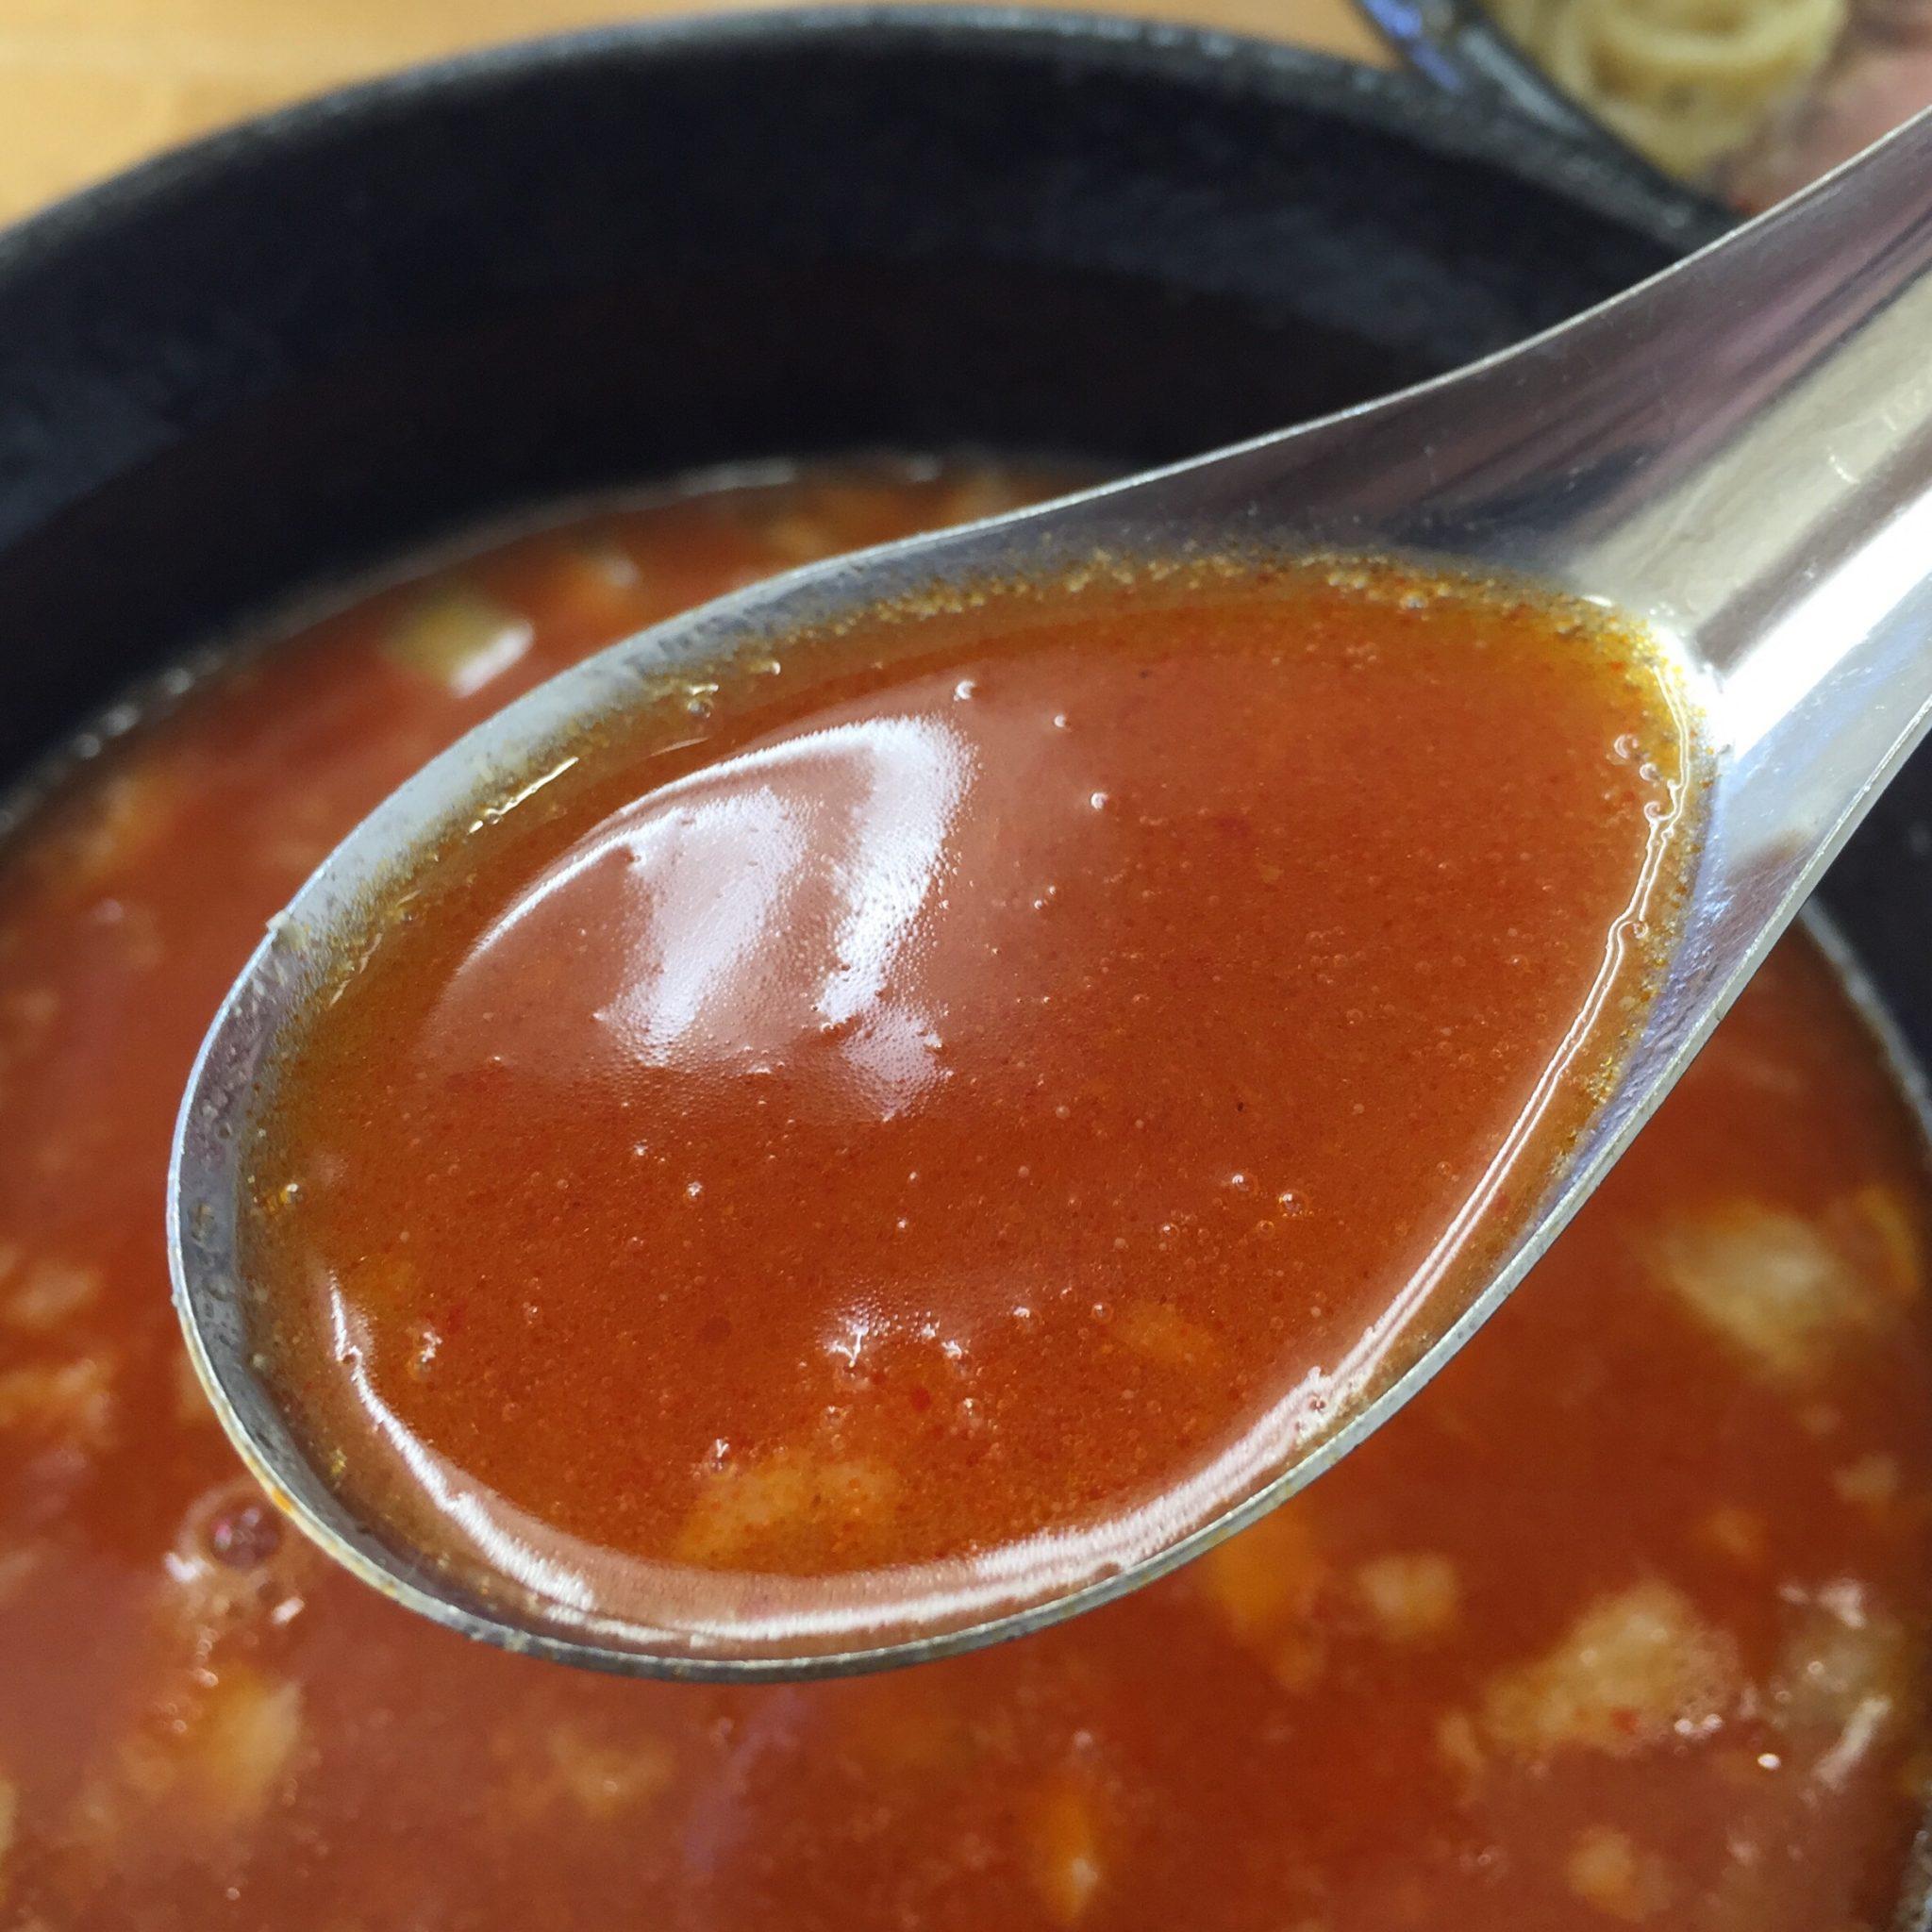 麺屋 羅漢 メニュー カラシビつけ麺 辛痺つけ麺 つけ汁 スープ